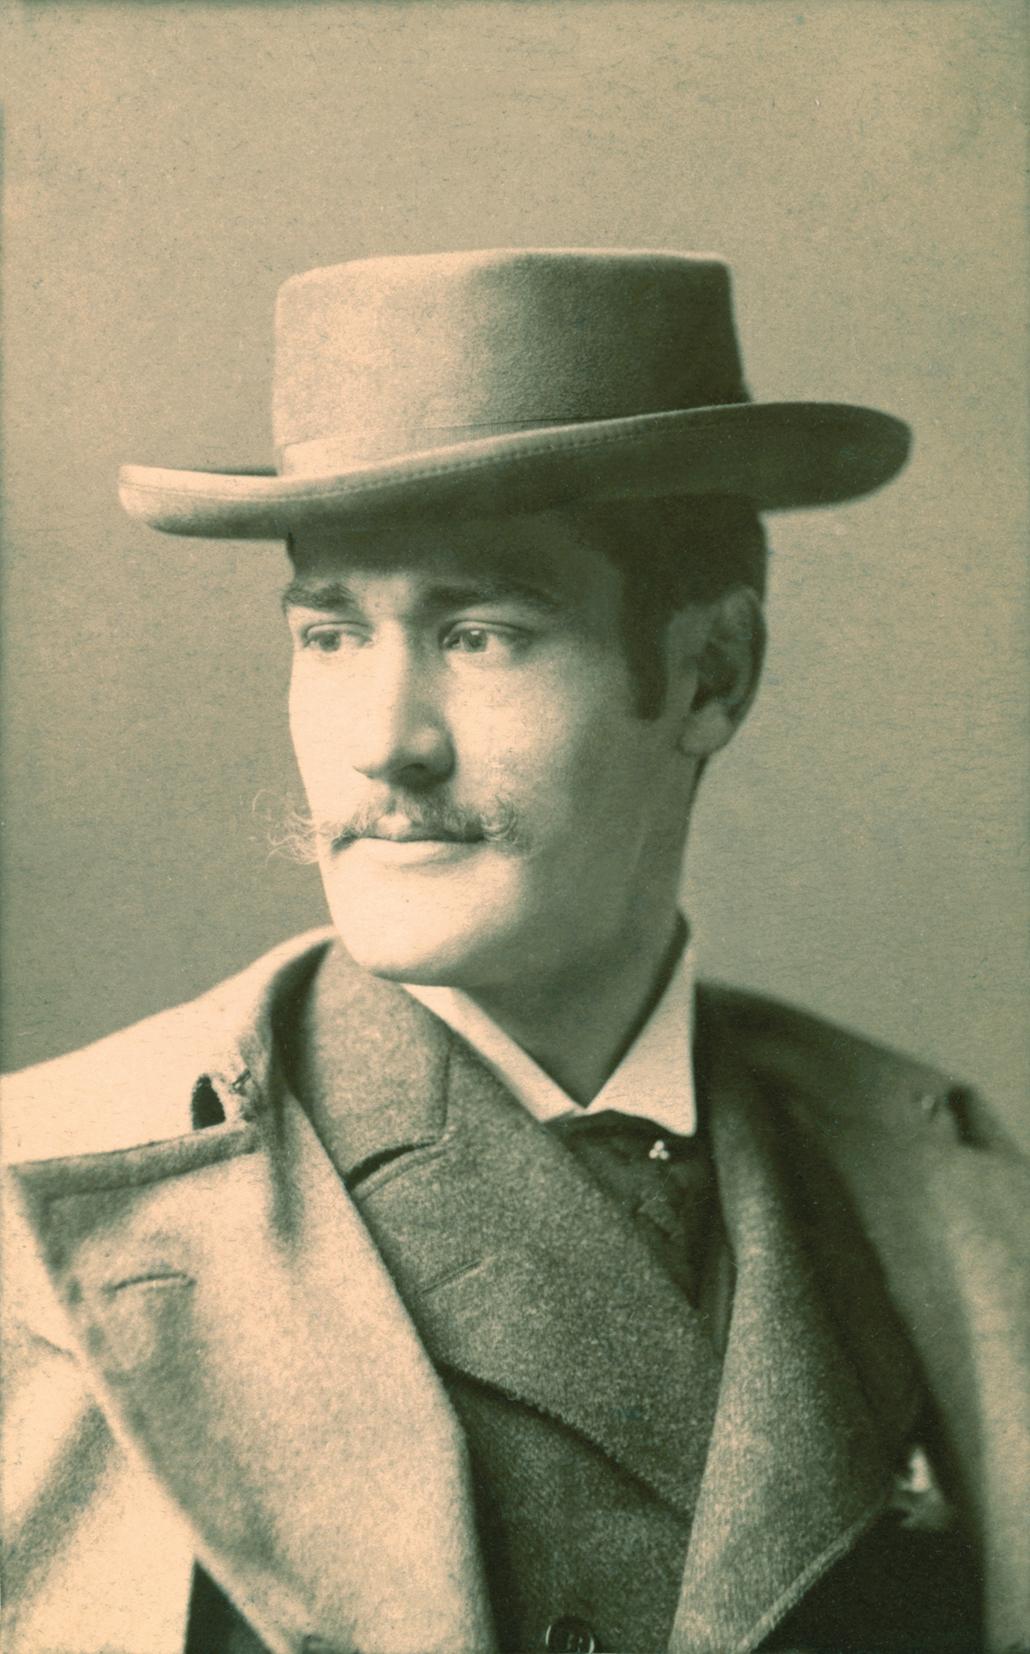 Lyonel Feininger, The Lyonel Feininger Project, New York – Berlin, 1894, Foto: Loescher & Petsch, Königl. Hof-Photographen